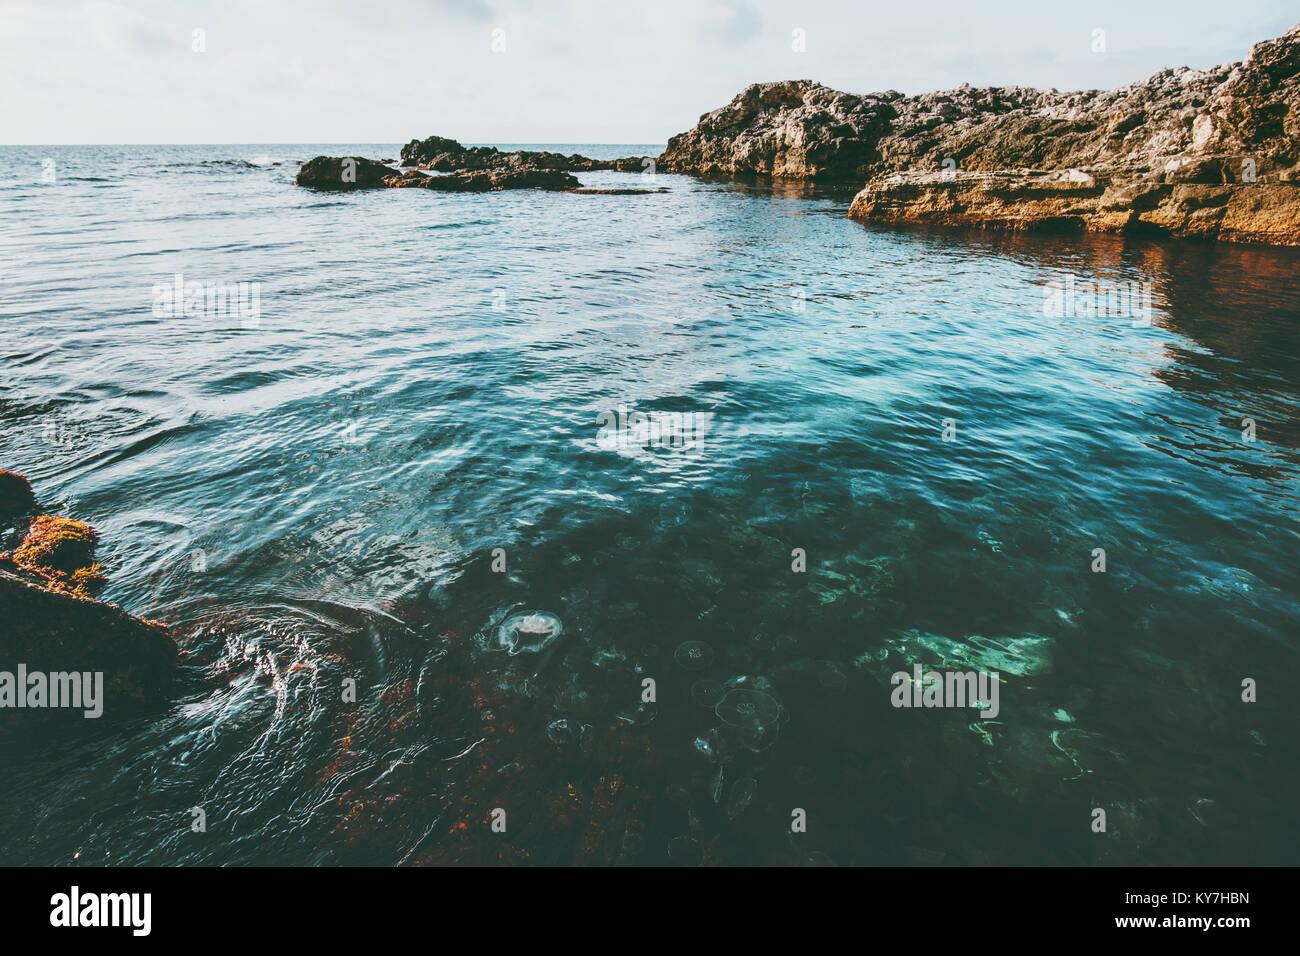 Blaue Meer und die felsige Küste Landschaft ruhige idyllische Aussicht Urlaub Reisen Stockbild